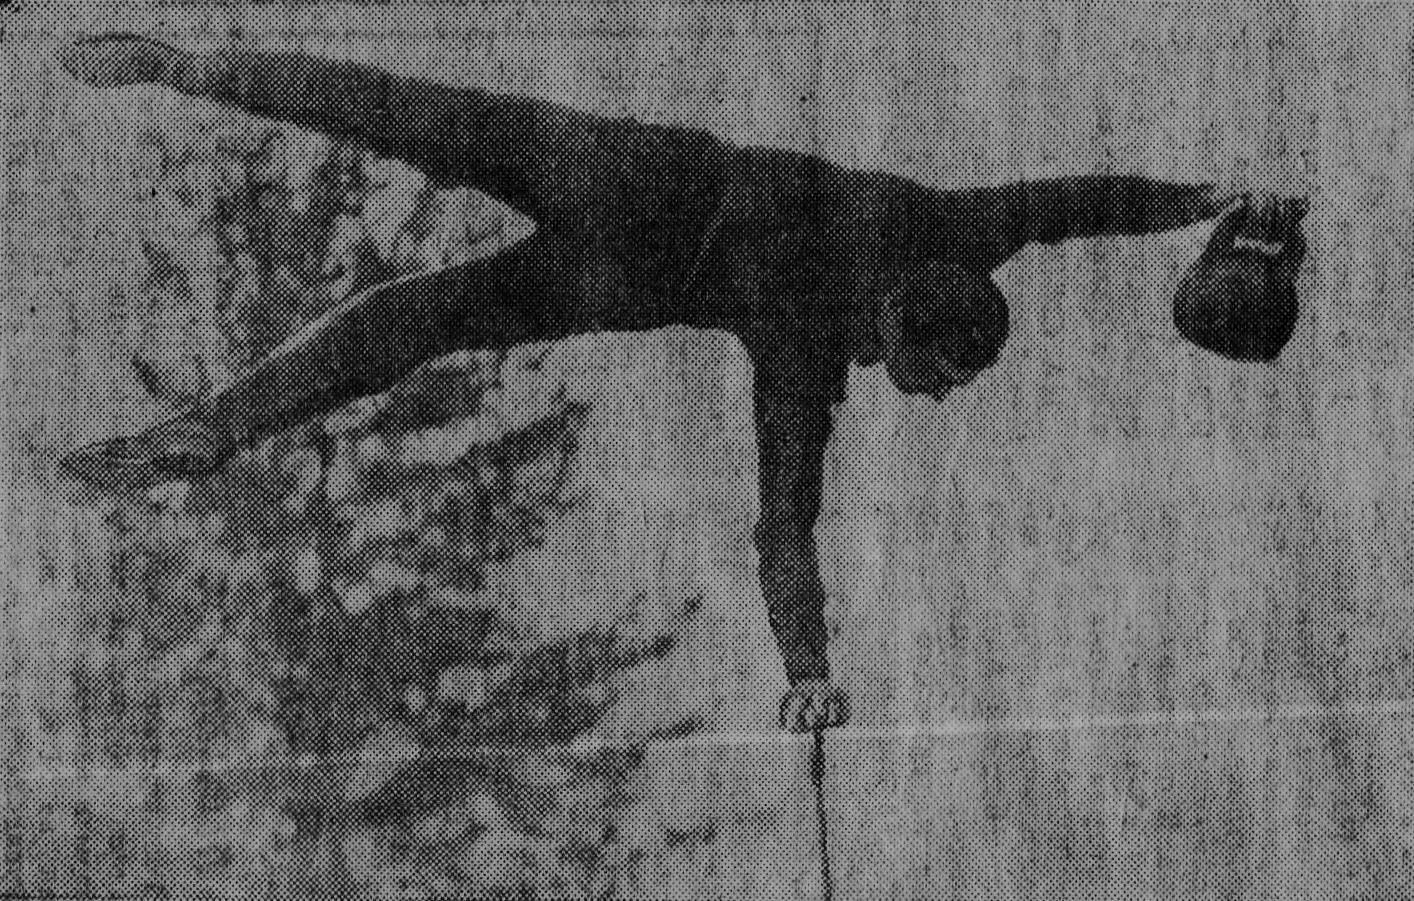 Выступление Г. Попова на фестивале советско-монгольской молодежи (Манжерок, 1966 г.)